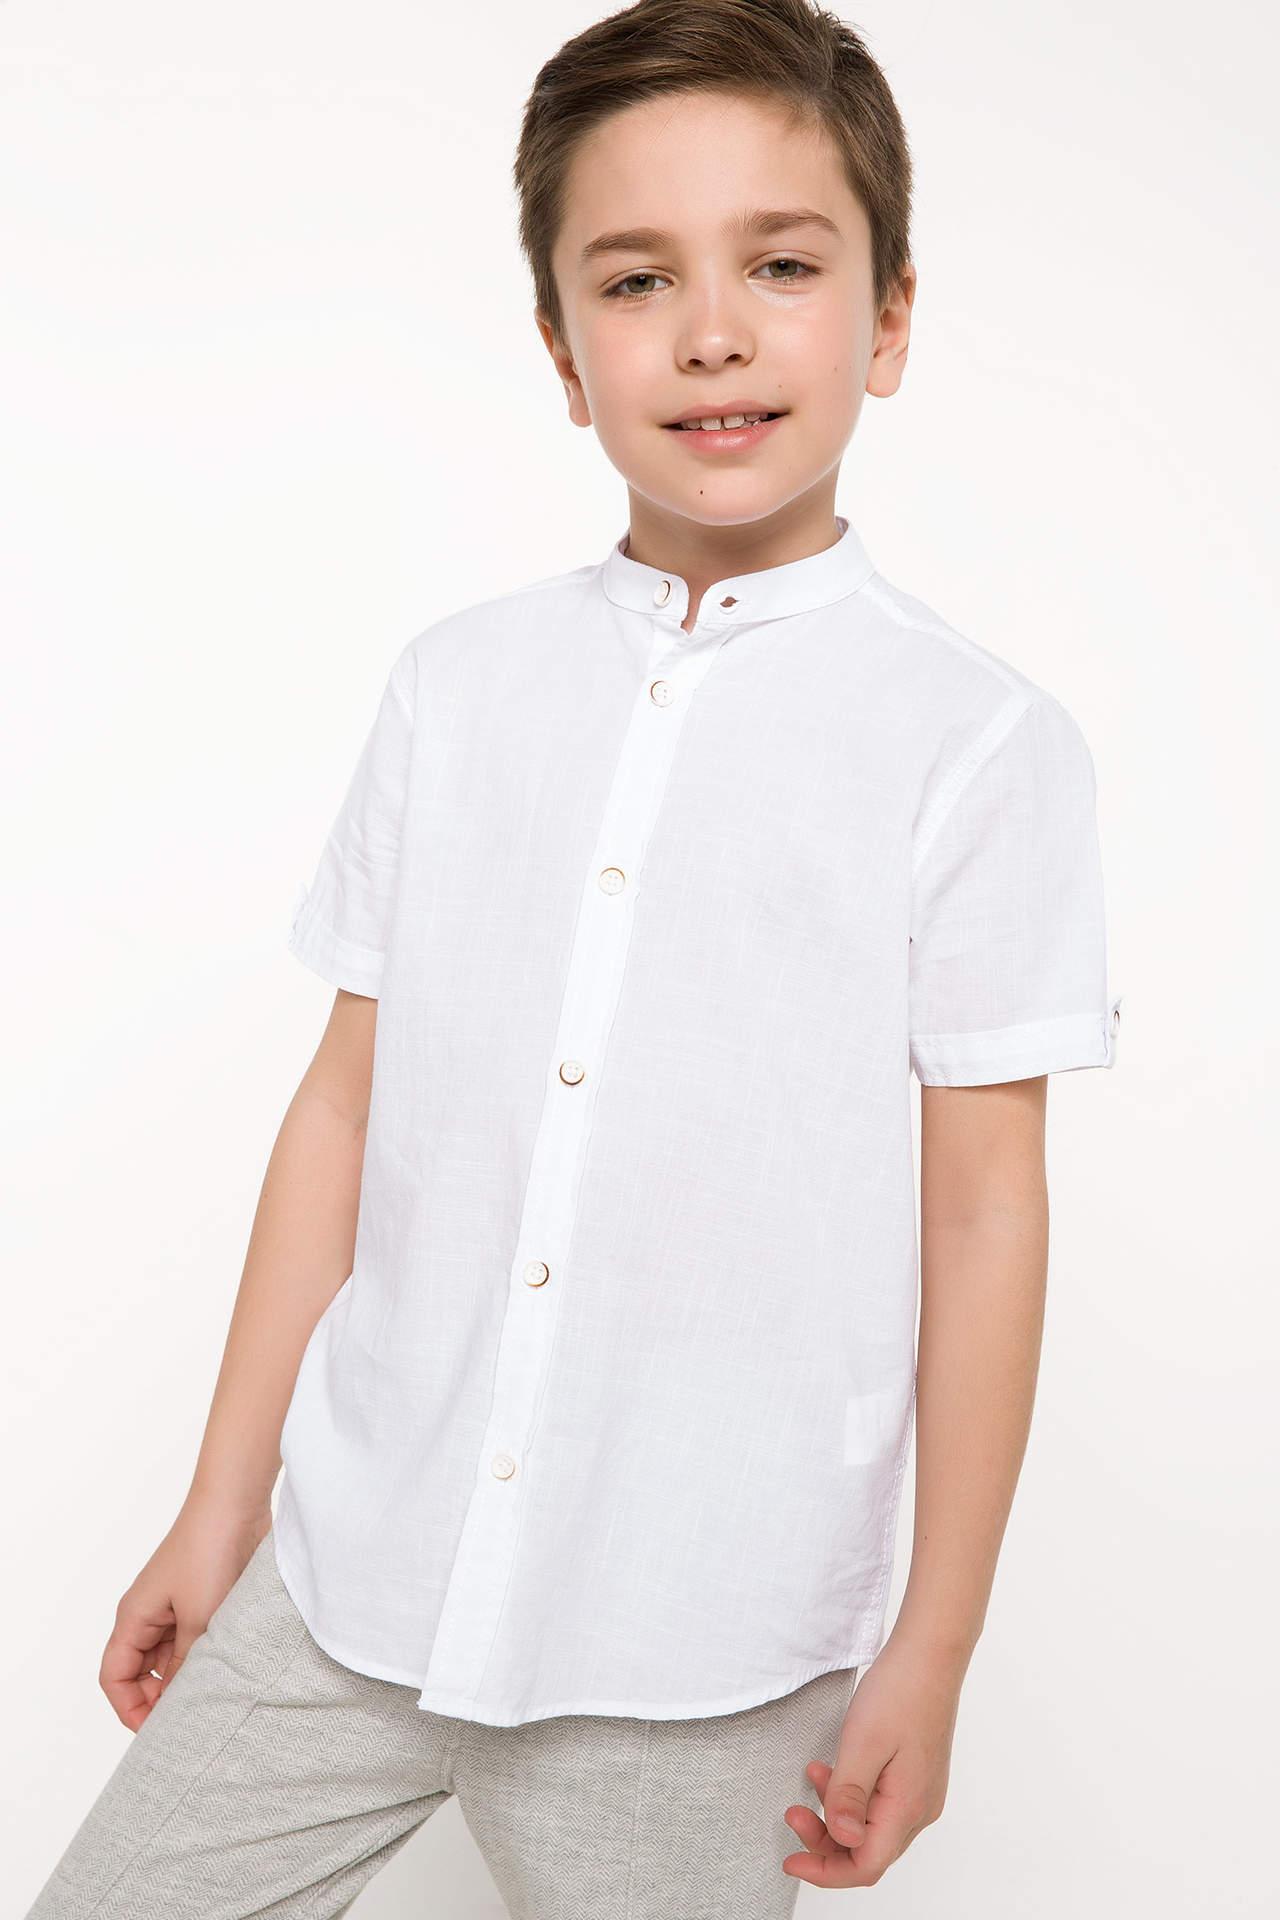 DeFacto Erkek Çocuk Kısa Kollu Hakim Yaka Gömlek Beyaz male